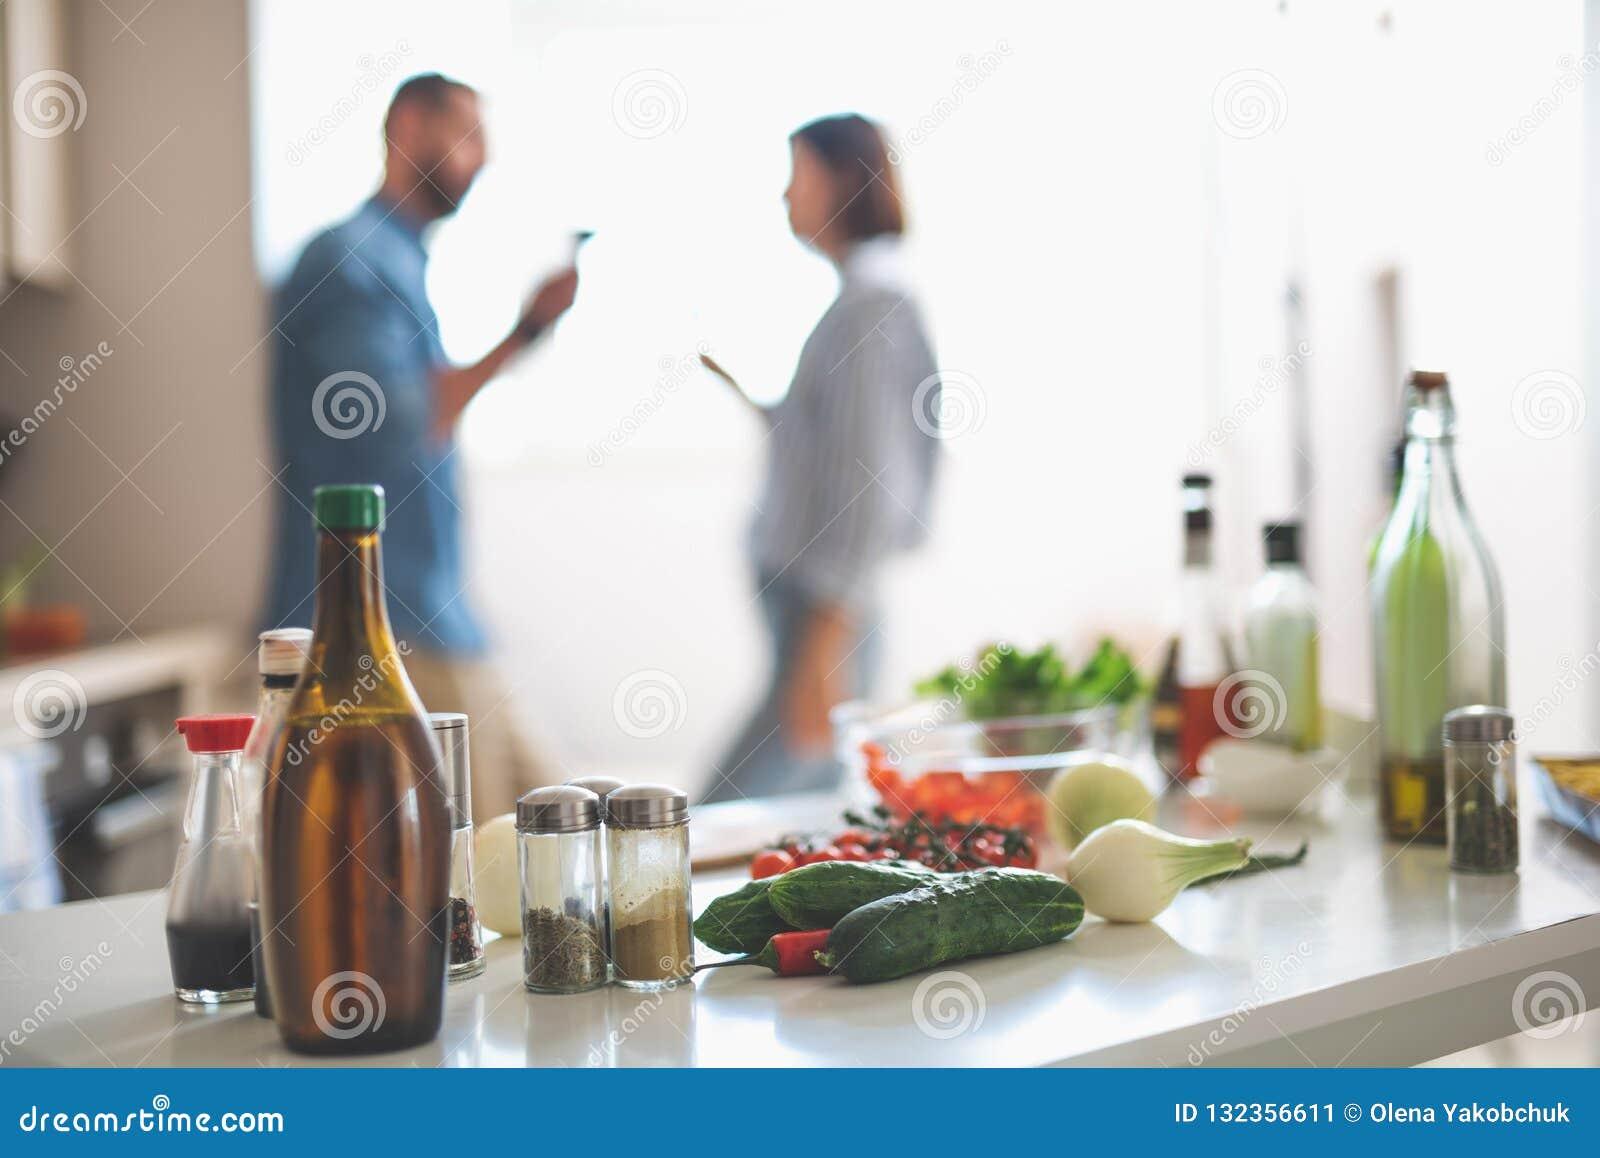 Συστατικά για το μαγείρεμα και ζεύγος στο θολωμένο υπόβαθρο